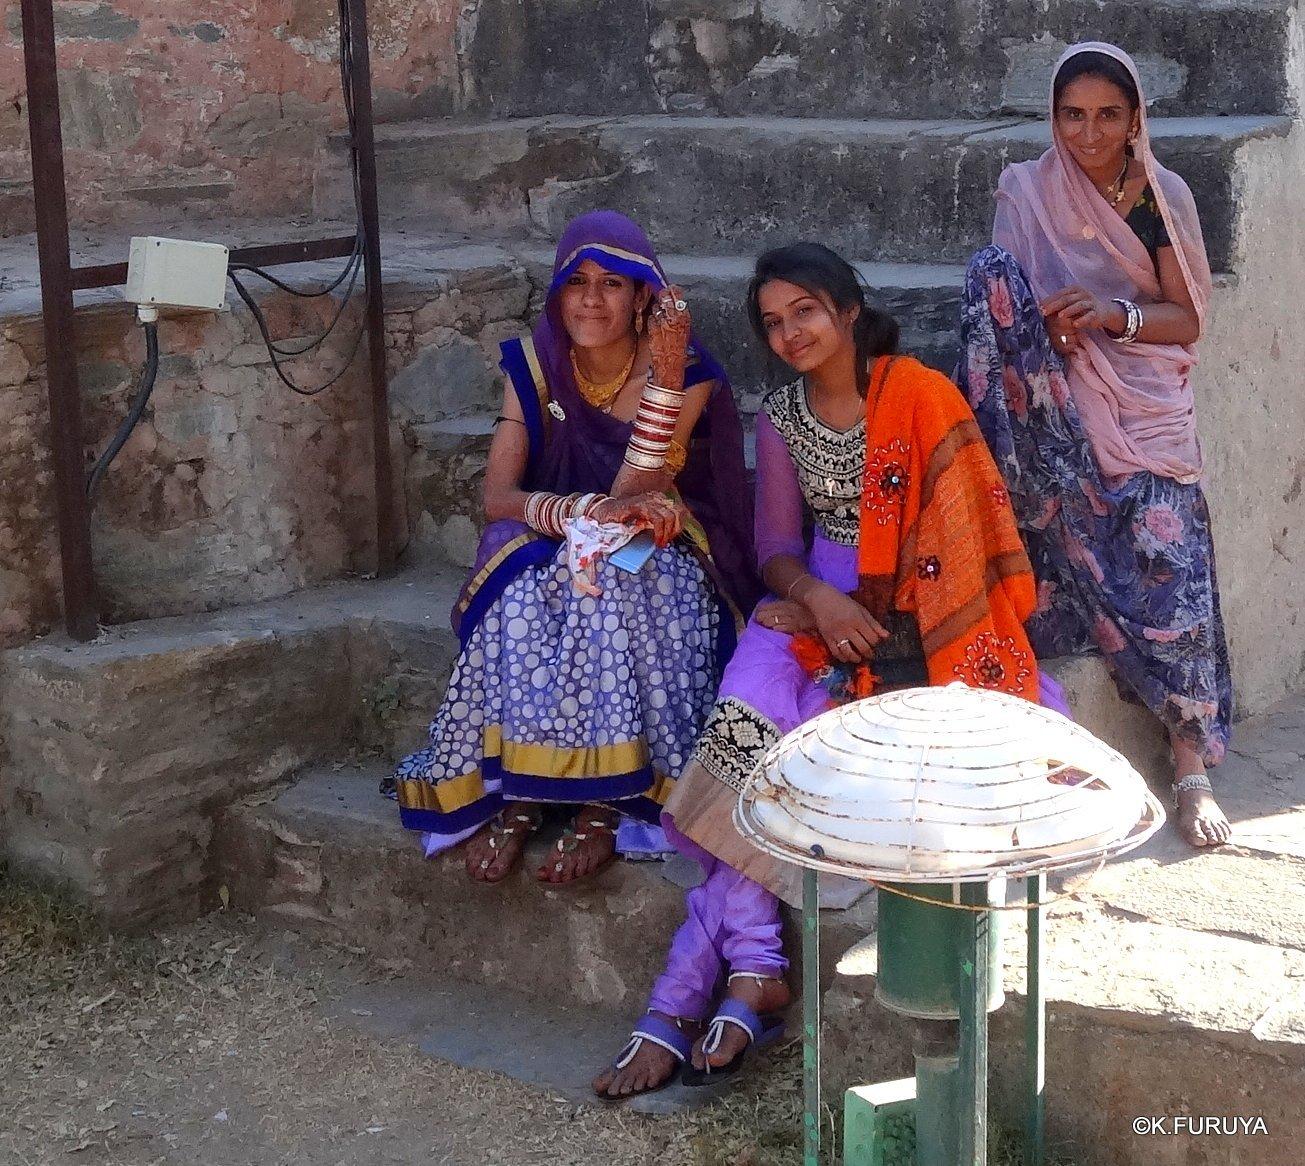 インド・ラジャスタンの旅 12 インド版「万里の長城」クンバルガル砦_a0092659_17070348.jpg